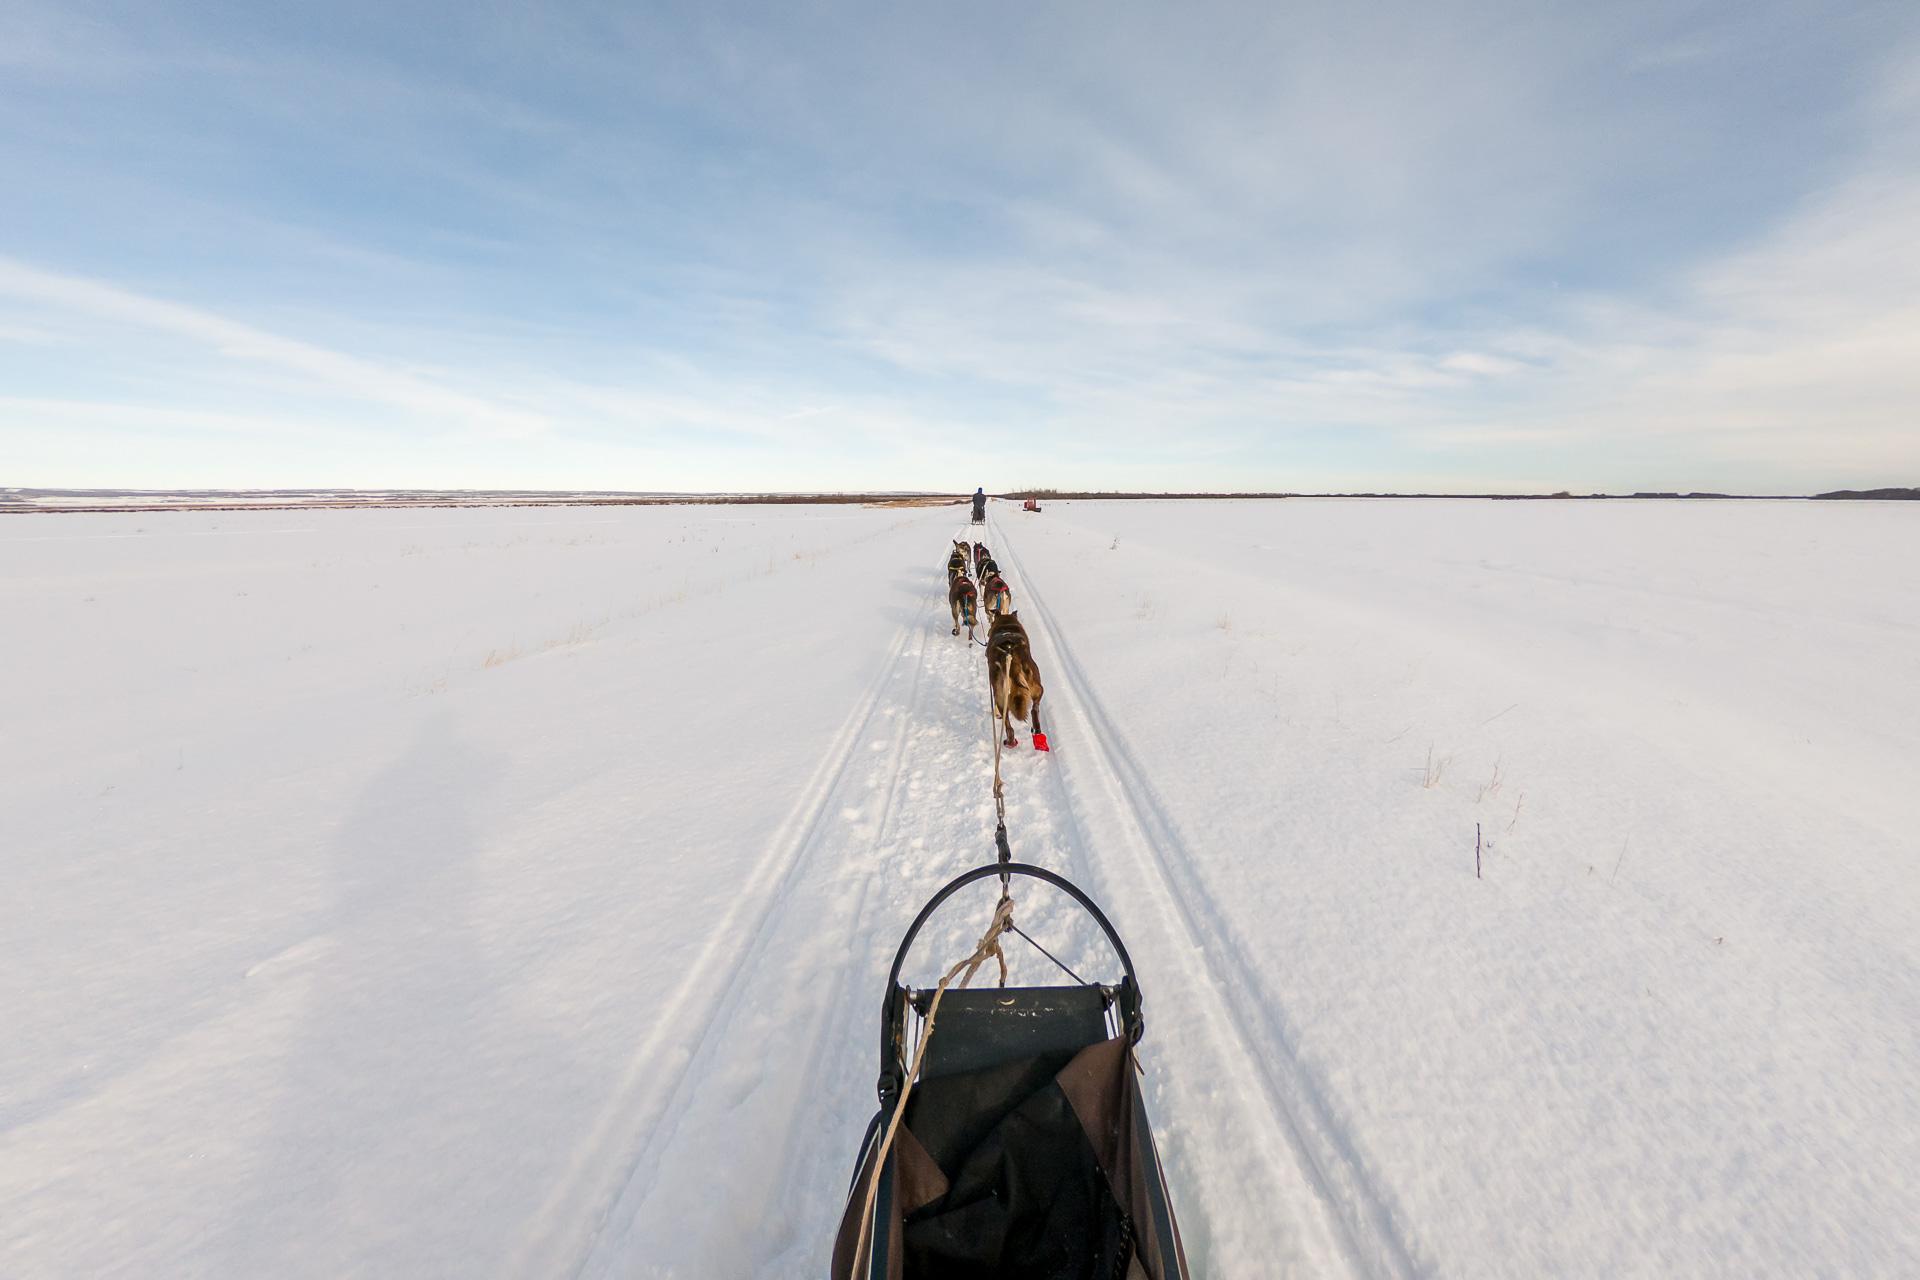 Trainingsfahrt mit 7 Hunden